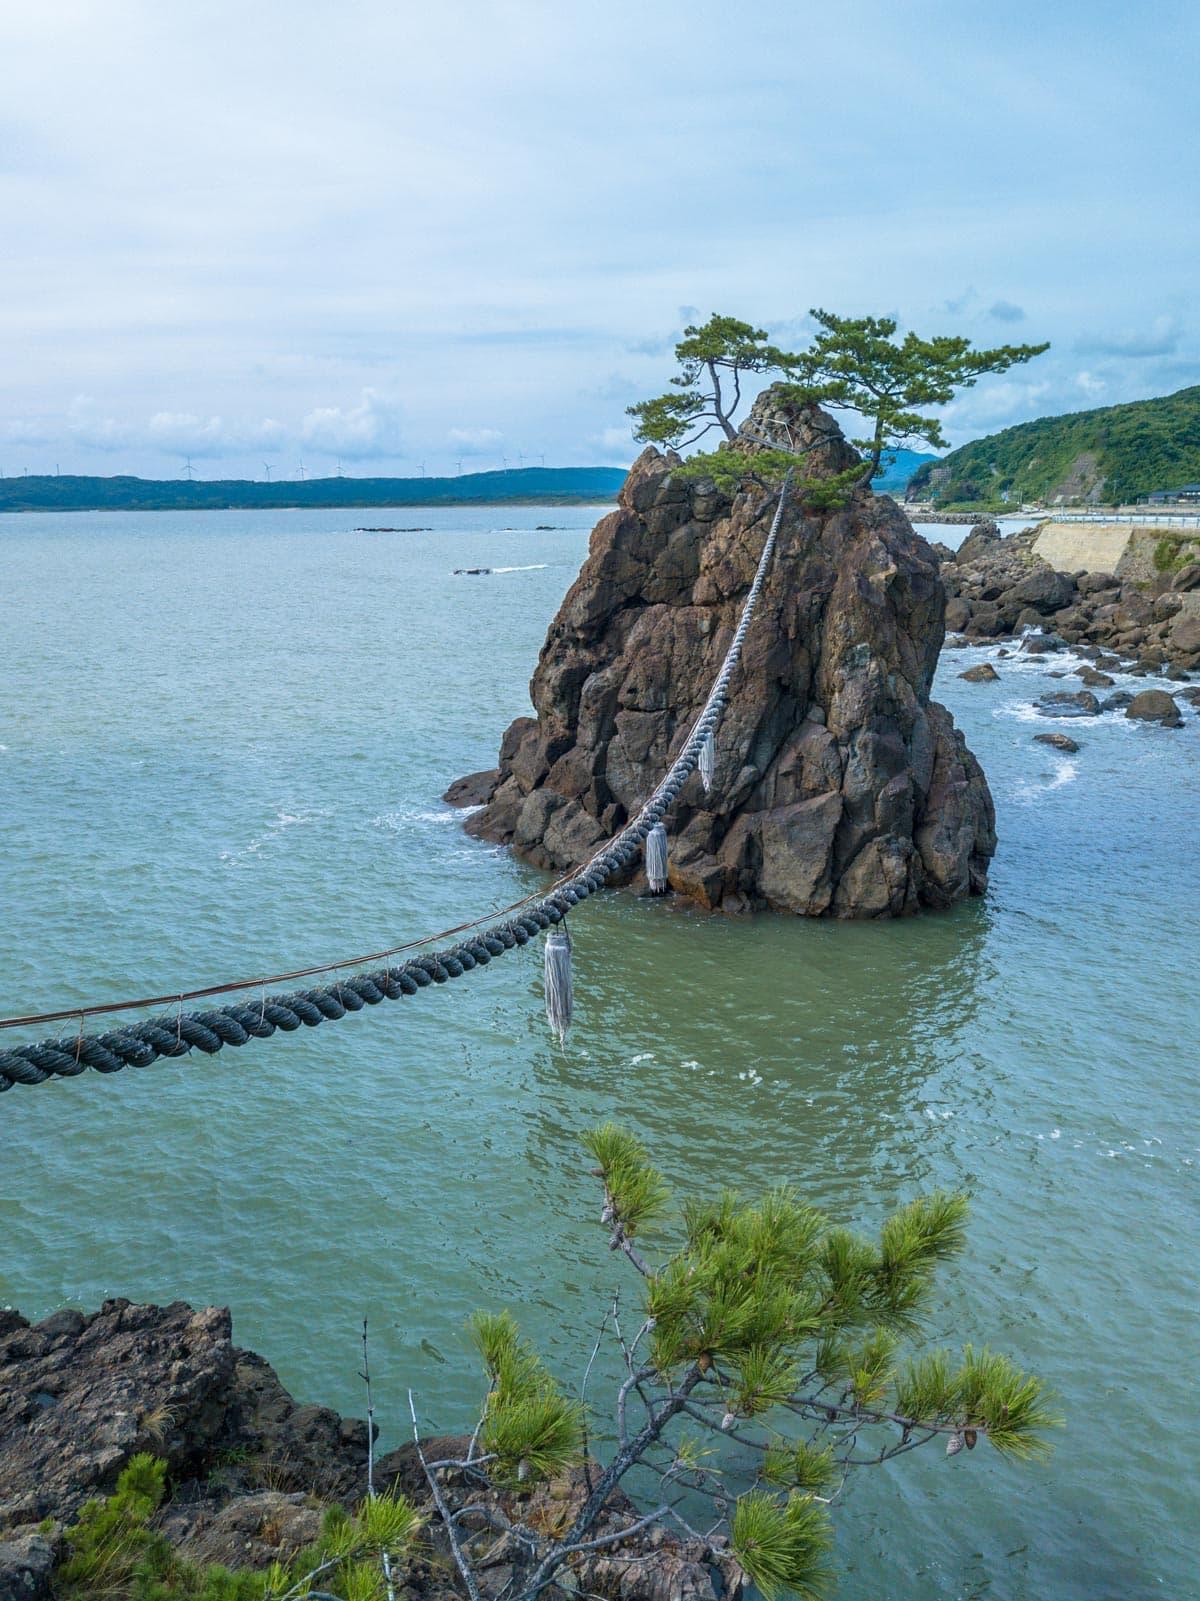 noto peninsula, japan